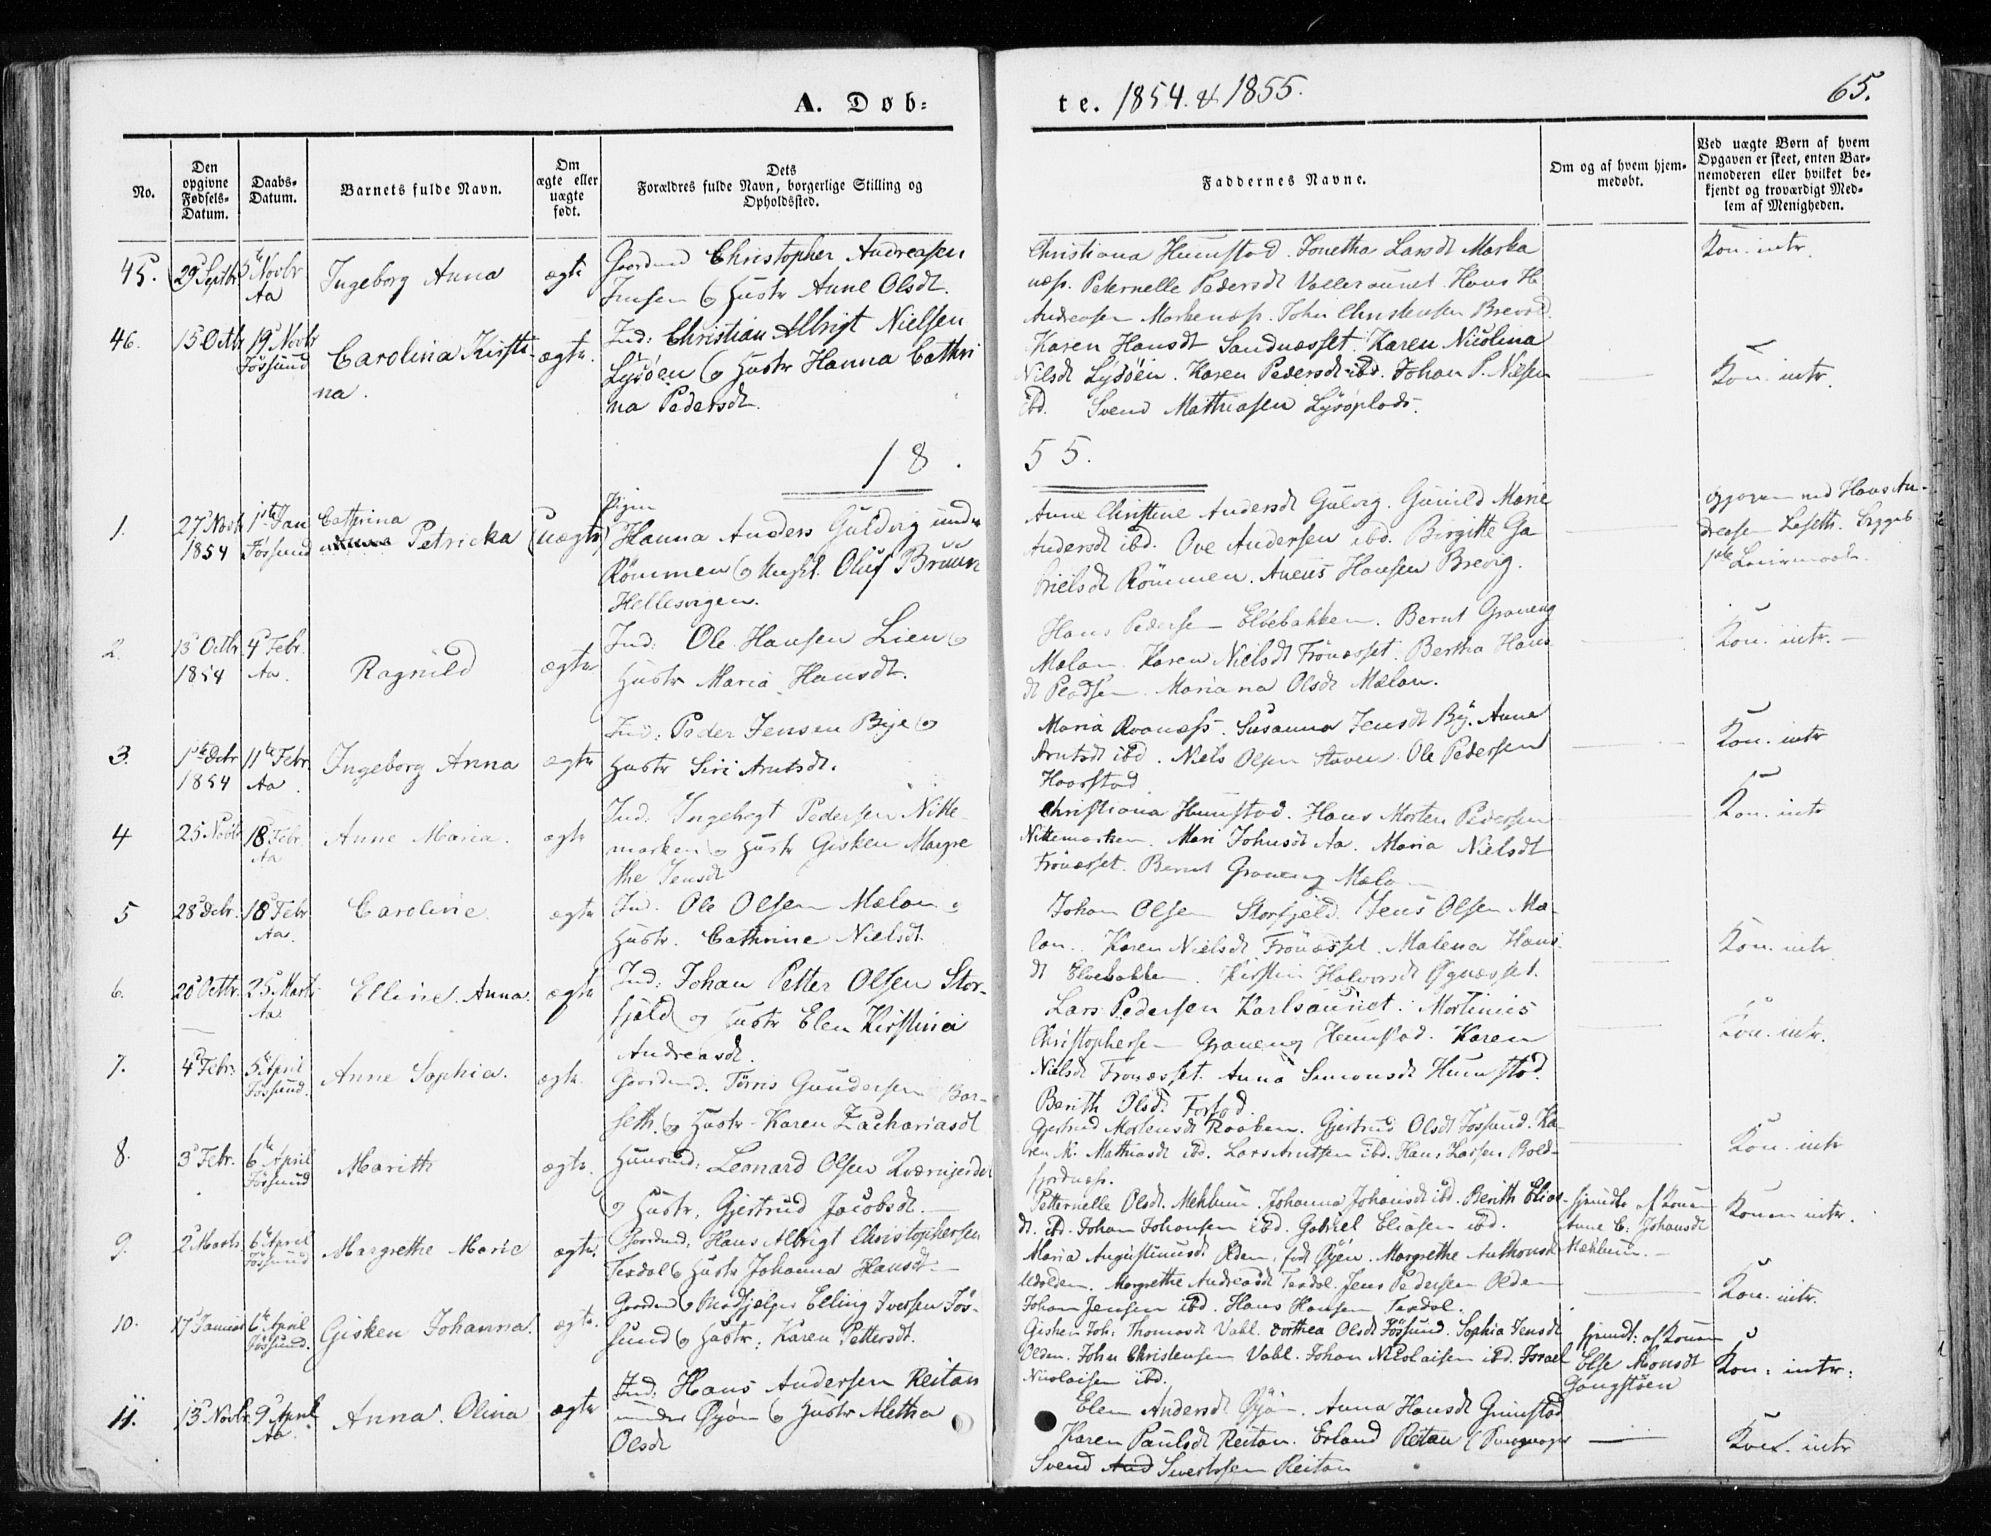 SAT, Ministerialprotokoller, klokkerbøker og fødselsregistre - Sør-Trøndelag, 655/L0677: Ministerialbok nr. 655A06, 1847-1860, s. 65